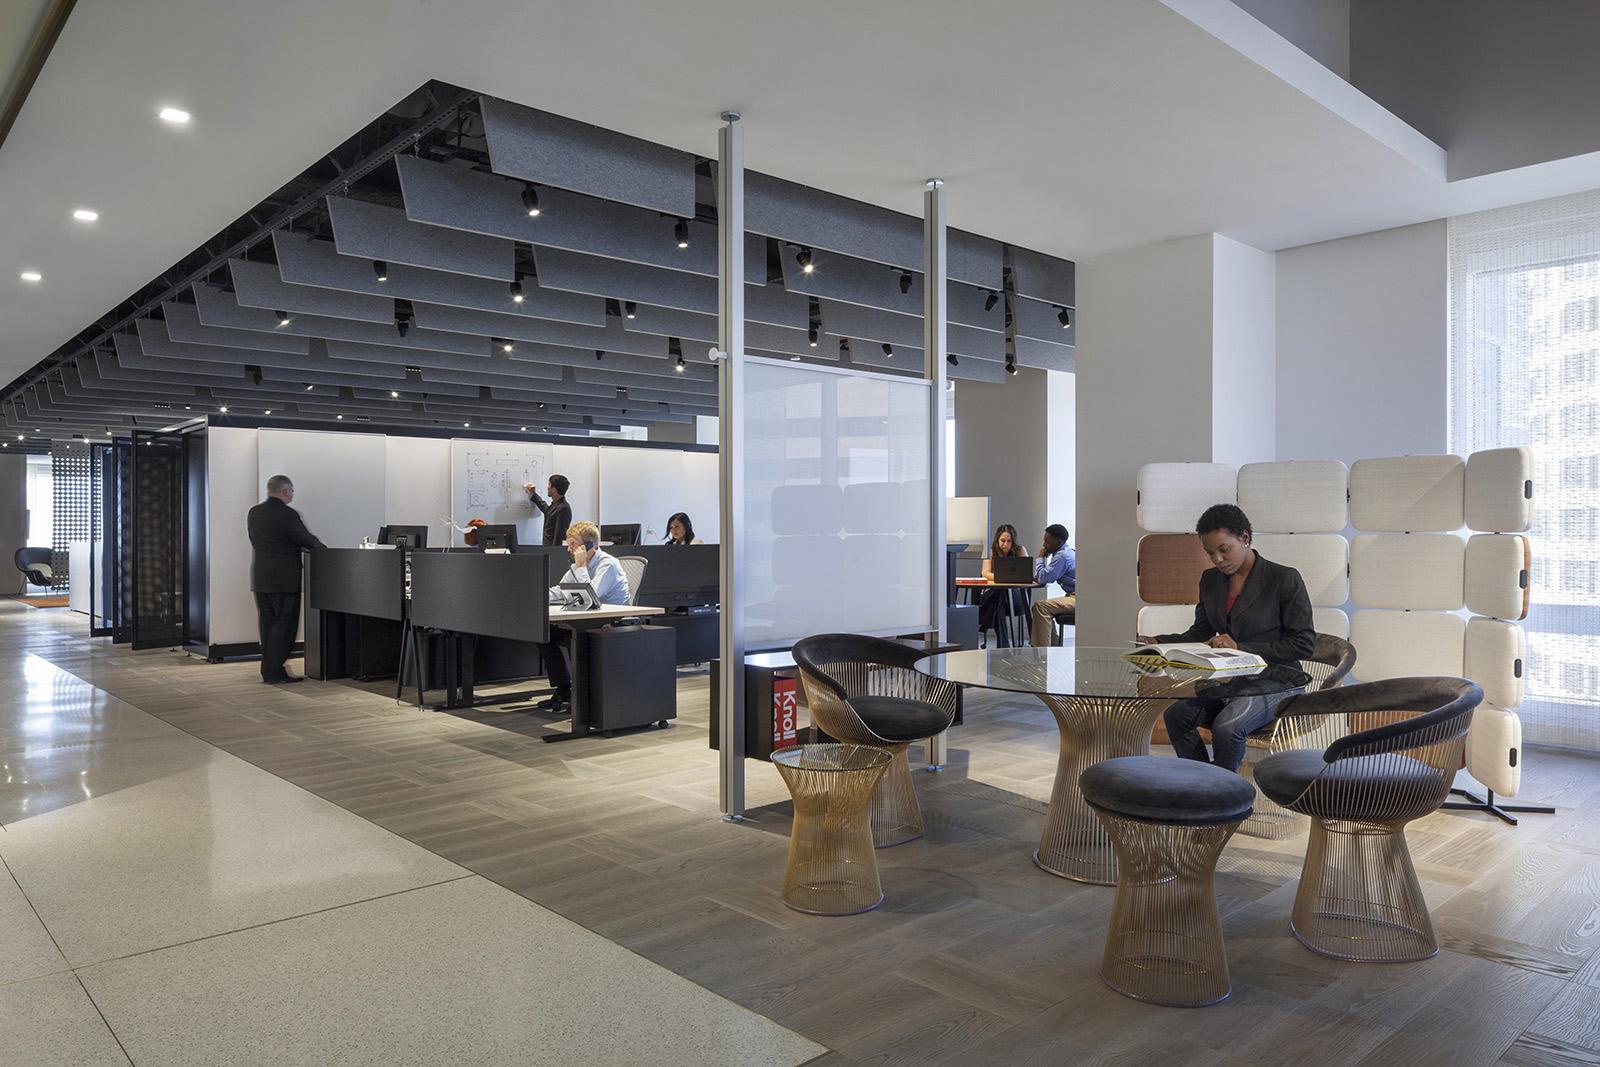 No escritório Knoll foram colocadas placas acústicas no teto criando um design interessante e compondo com o restante da decoração do ambiente.